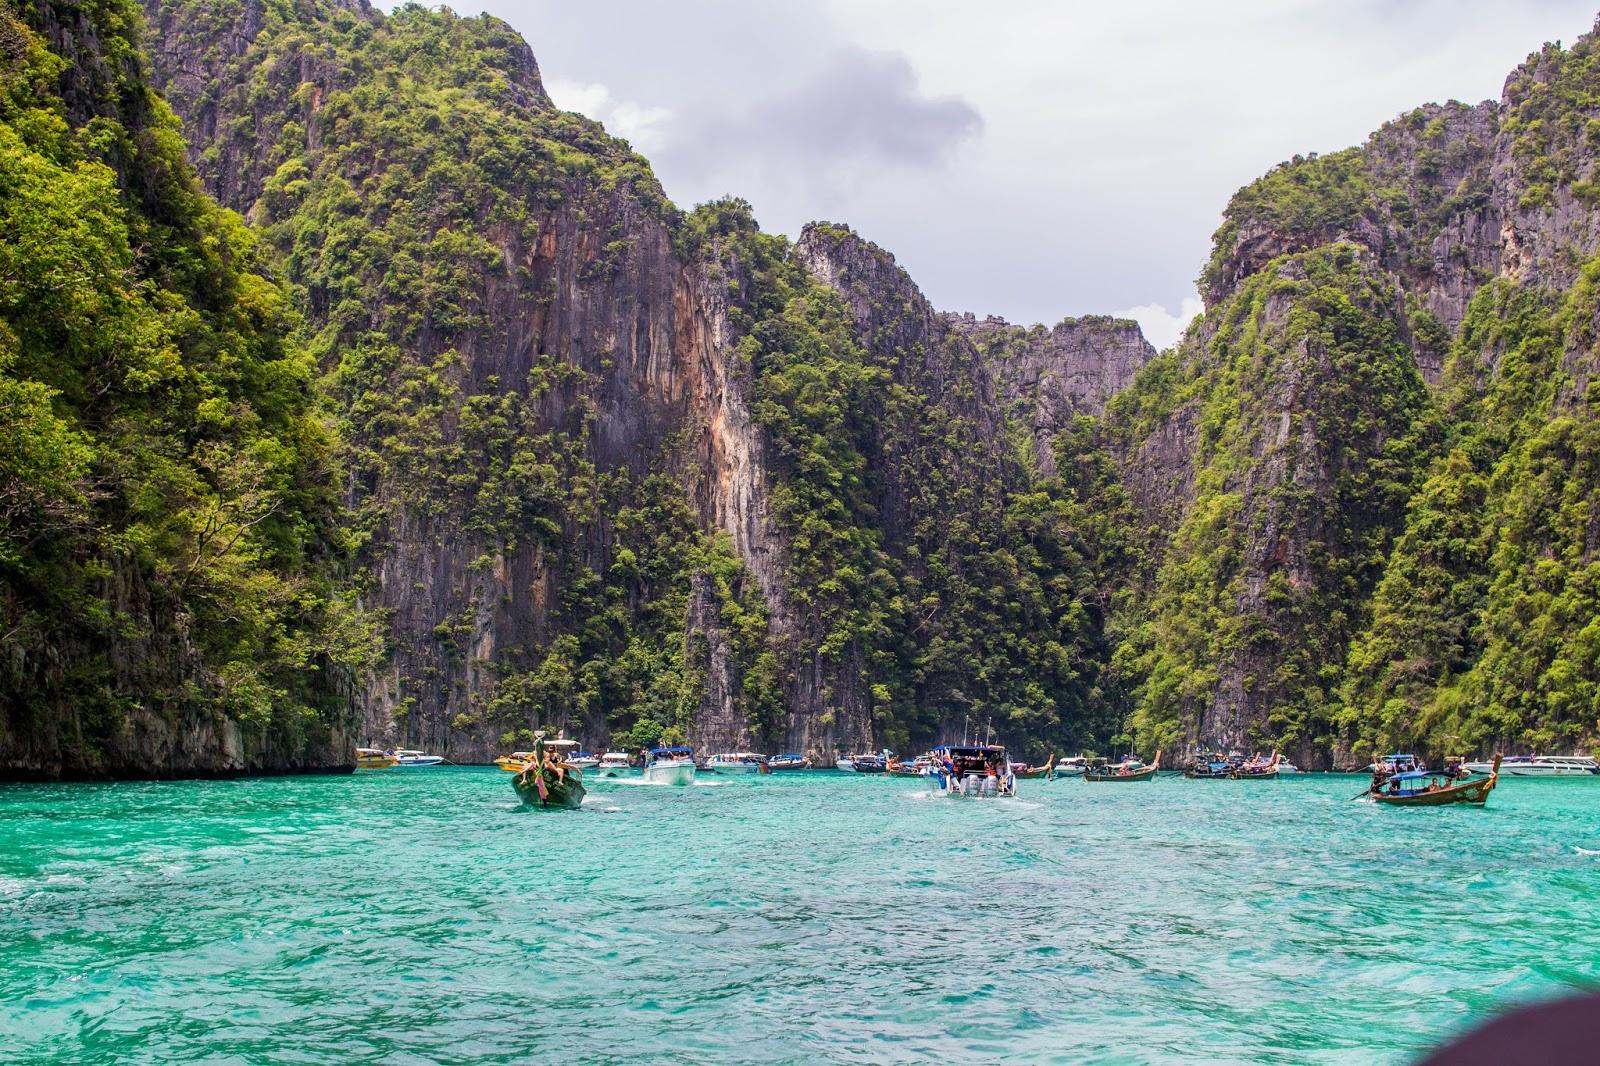 phuket-travel-koh-phi-phi-leh-dc-blog-travelblog